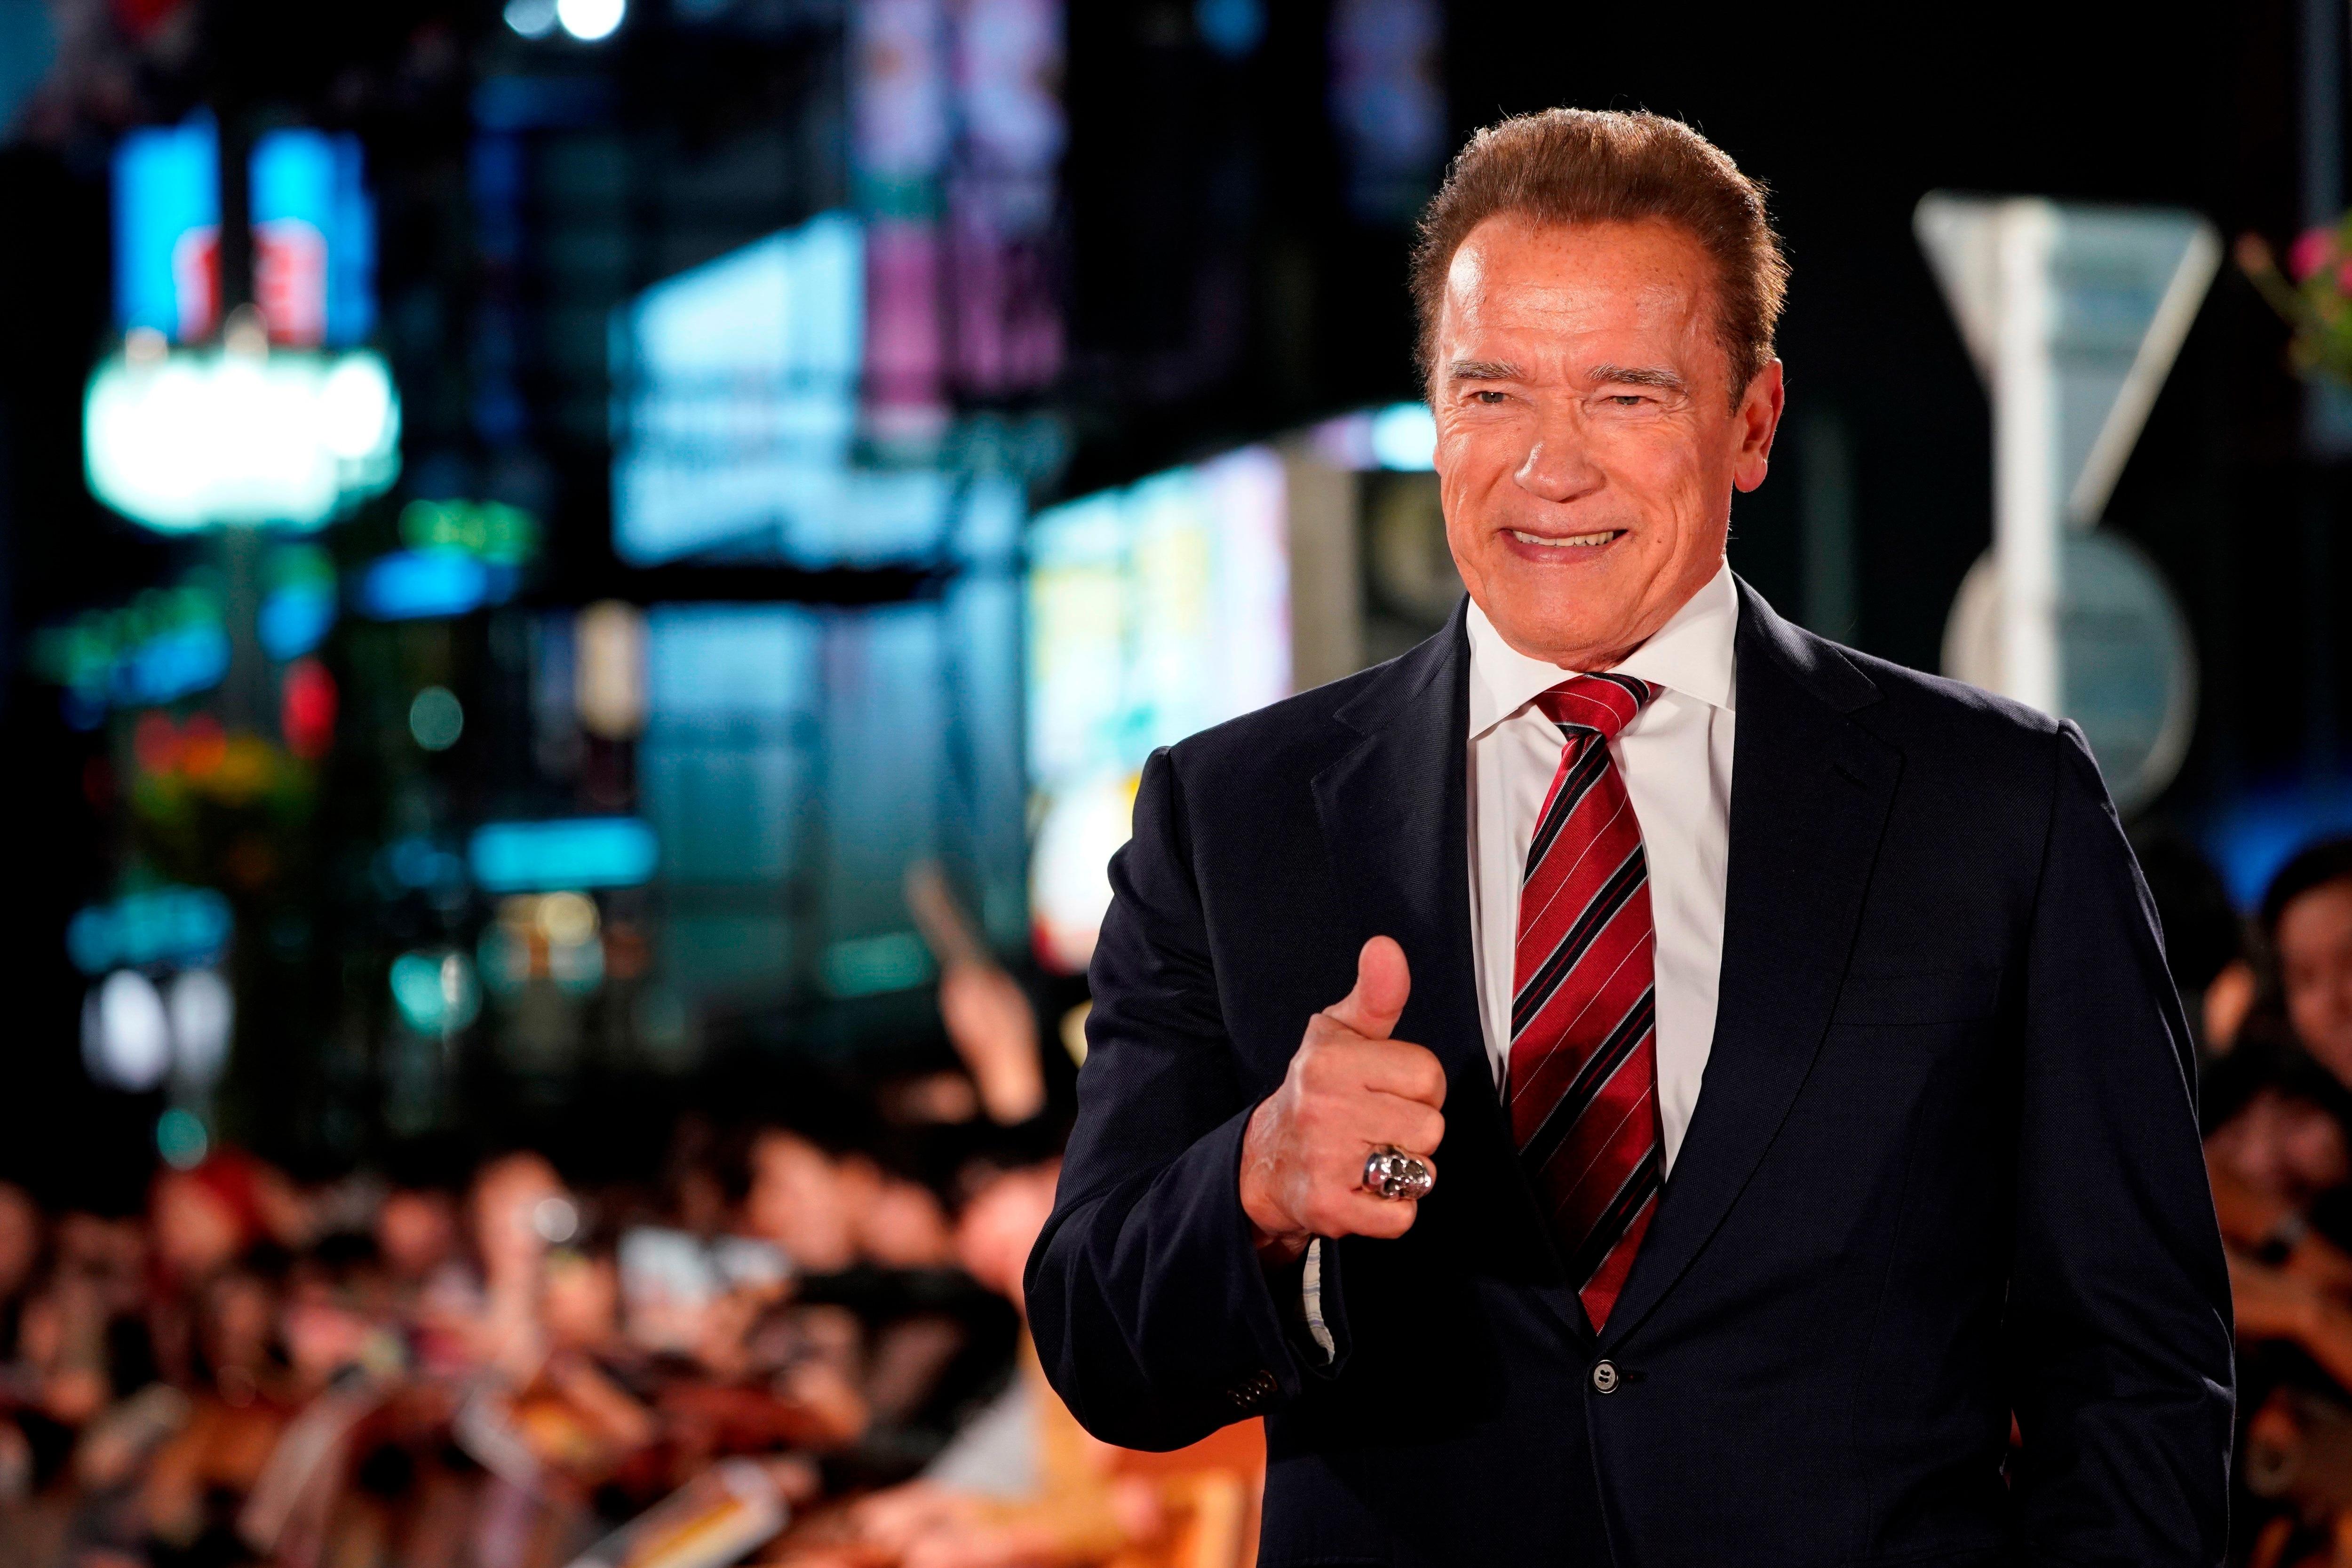 Arnold Schwarzenegger ficha por Netflix para una serie de espías (Crédito: EFE / Franck Robichon)